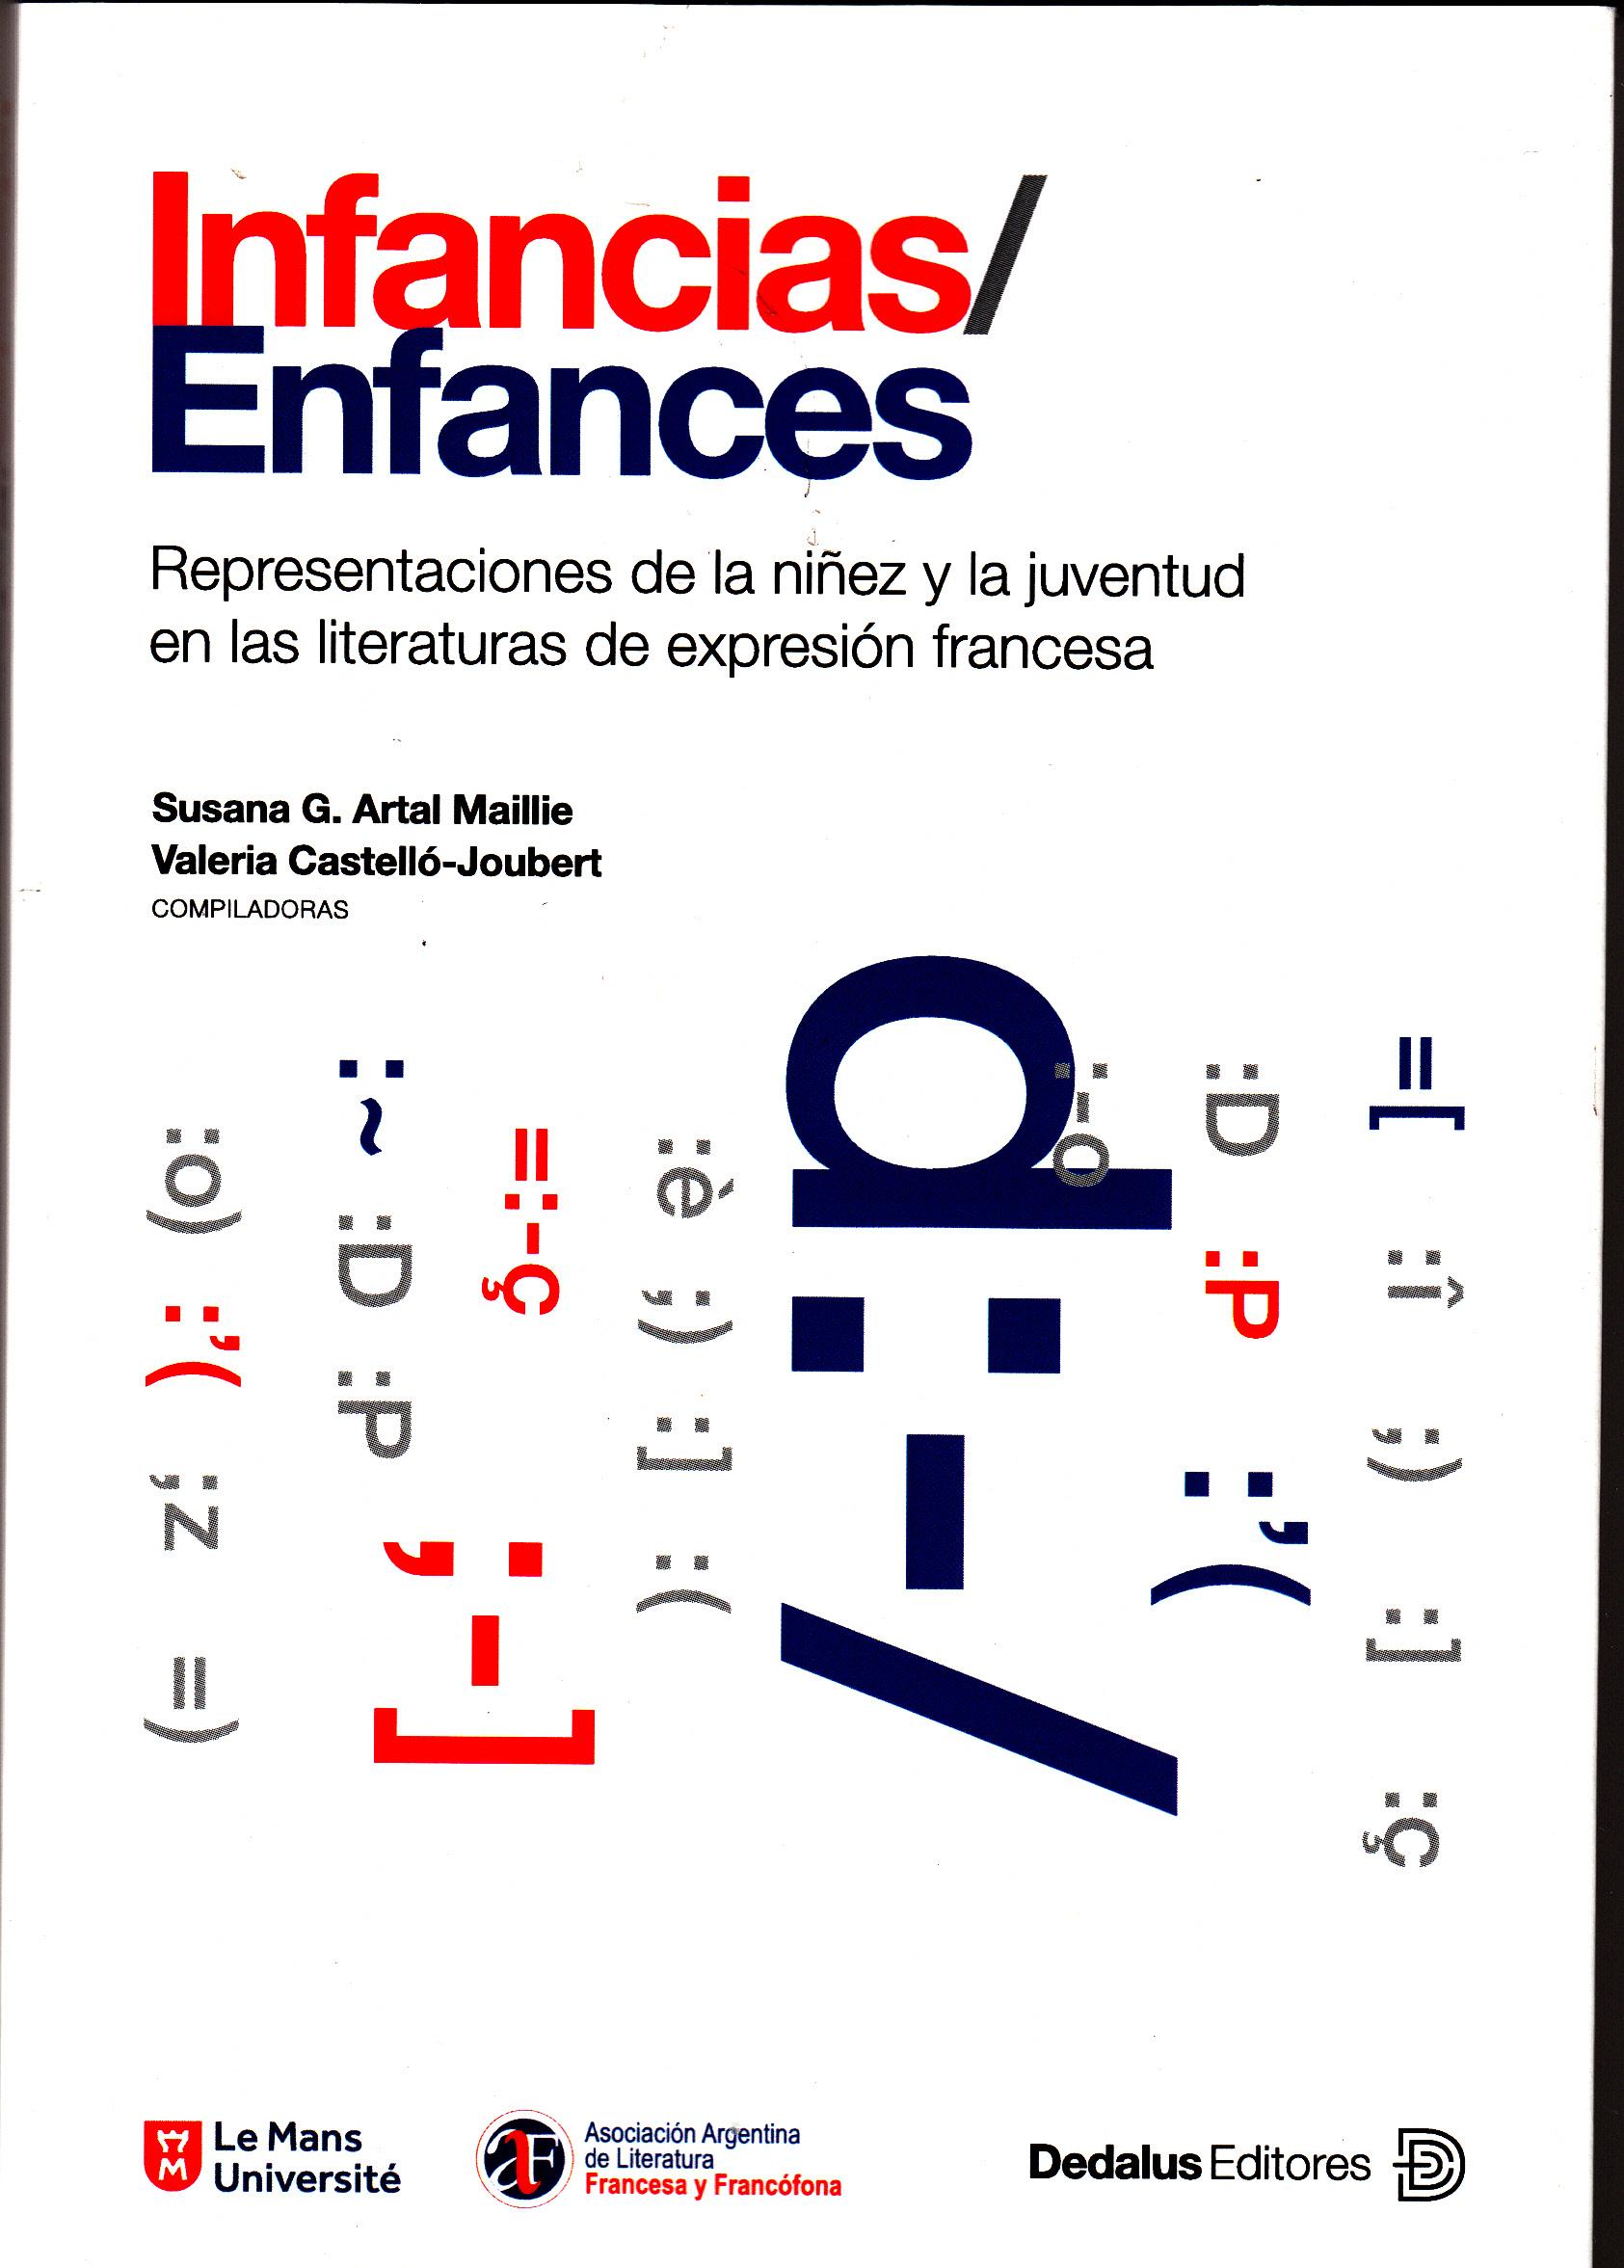 S. G. Artal Maillie et V. Castelló-Joubert (dir.), Infancias / Enfances. Representaciones de la niñez y juventud en las literaturas de expresión francesa